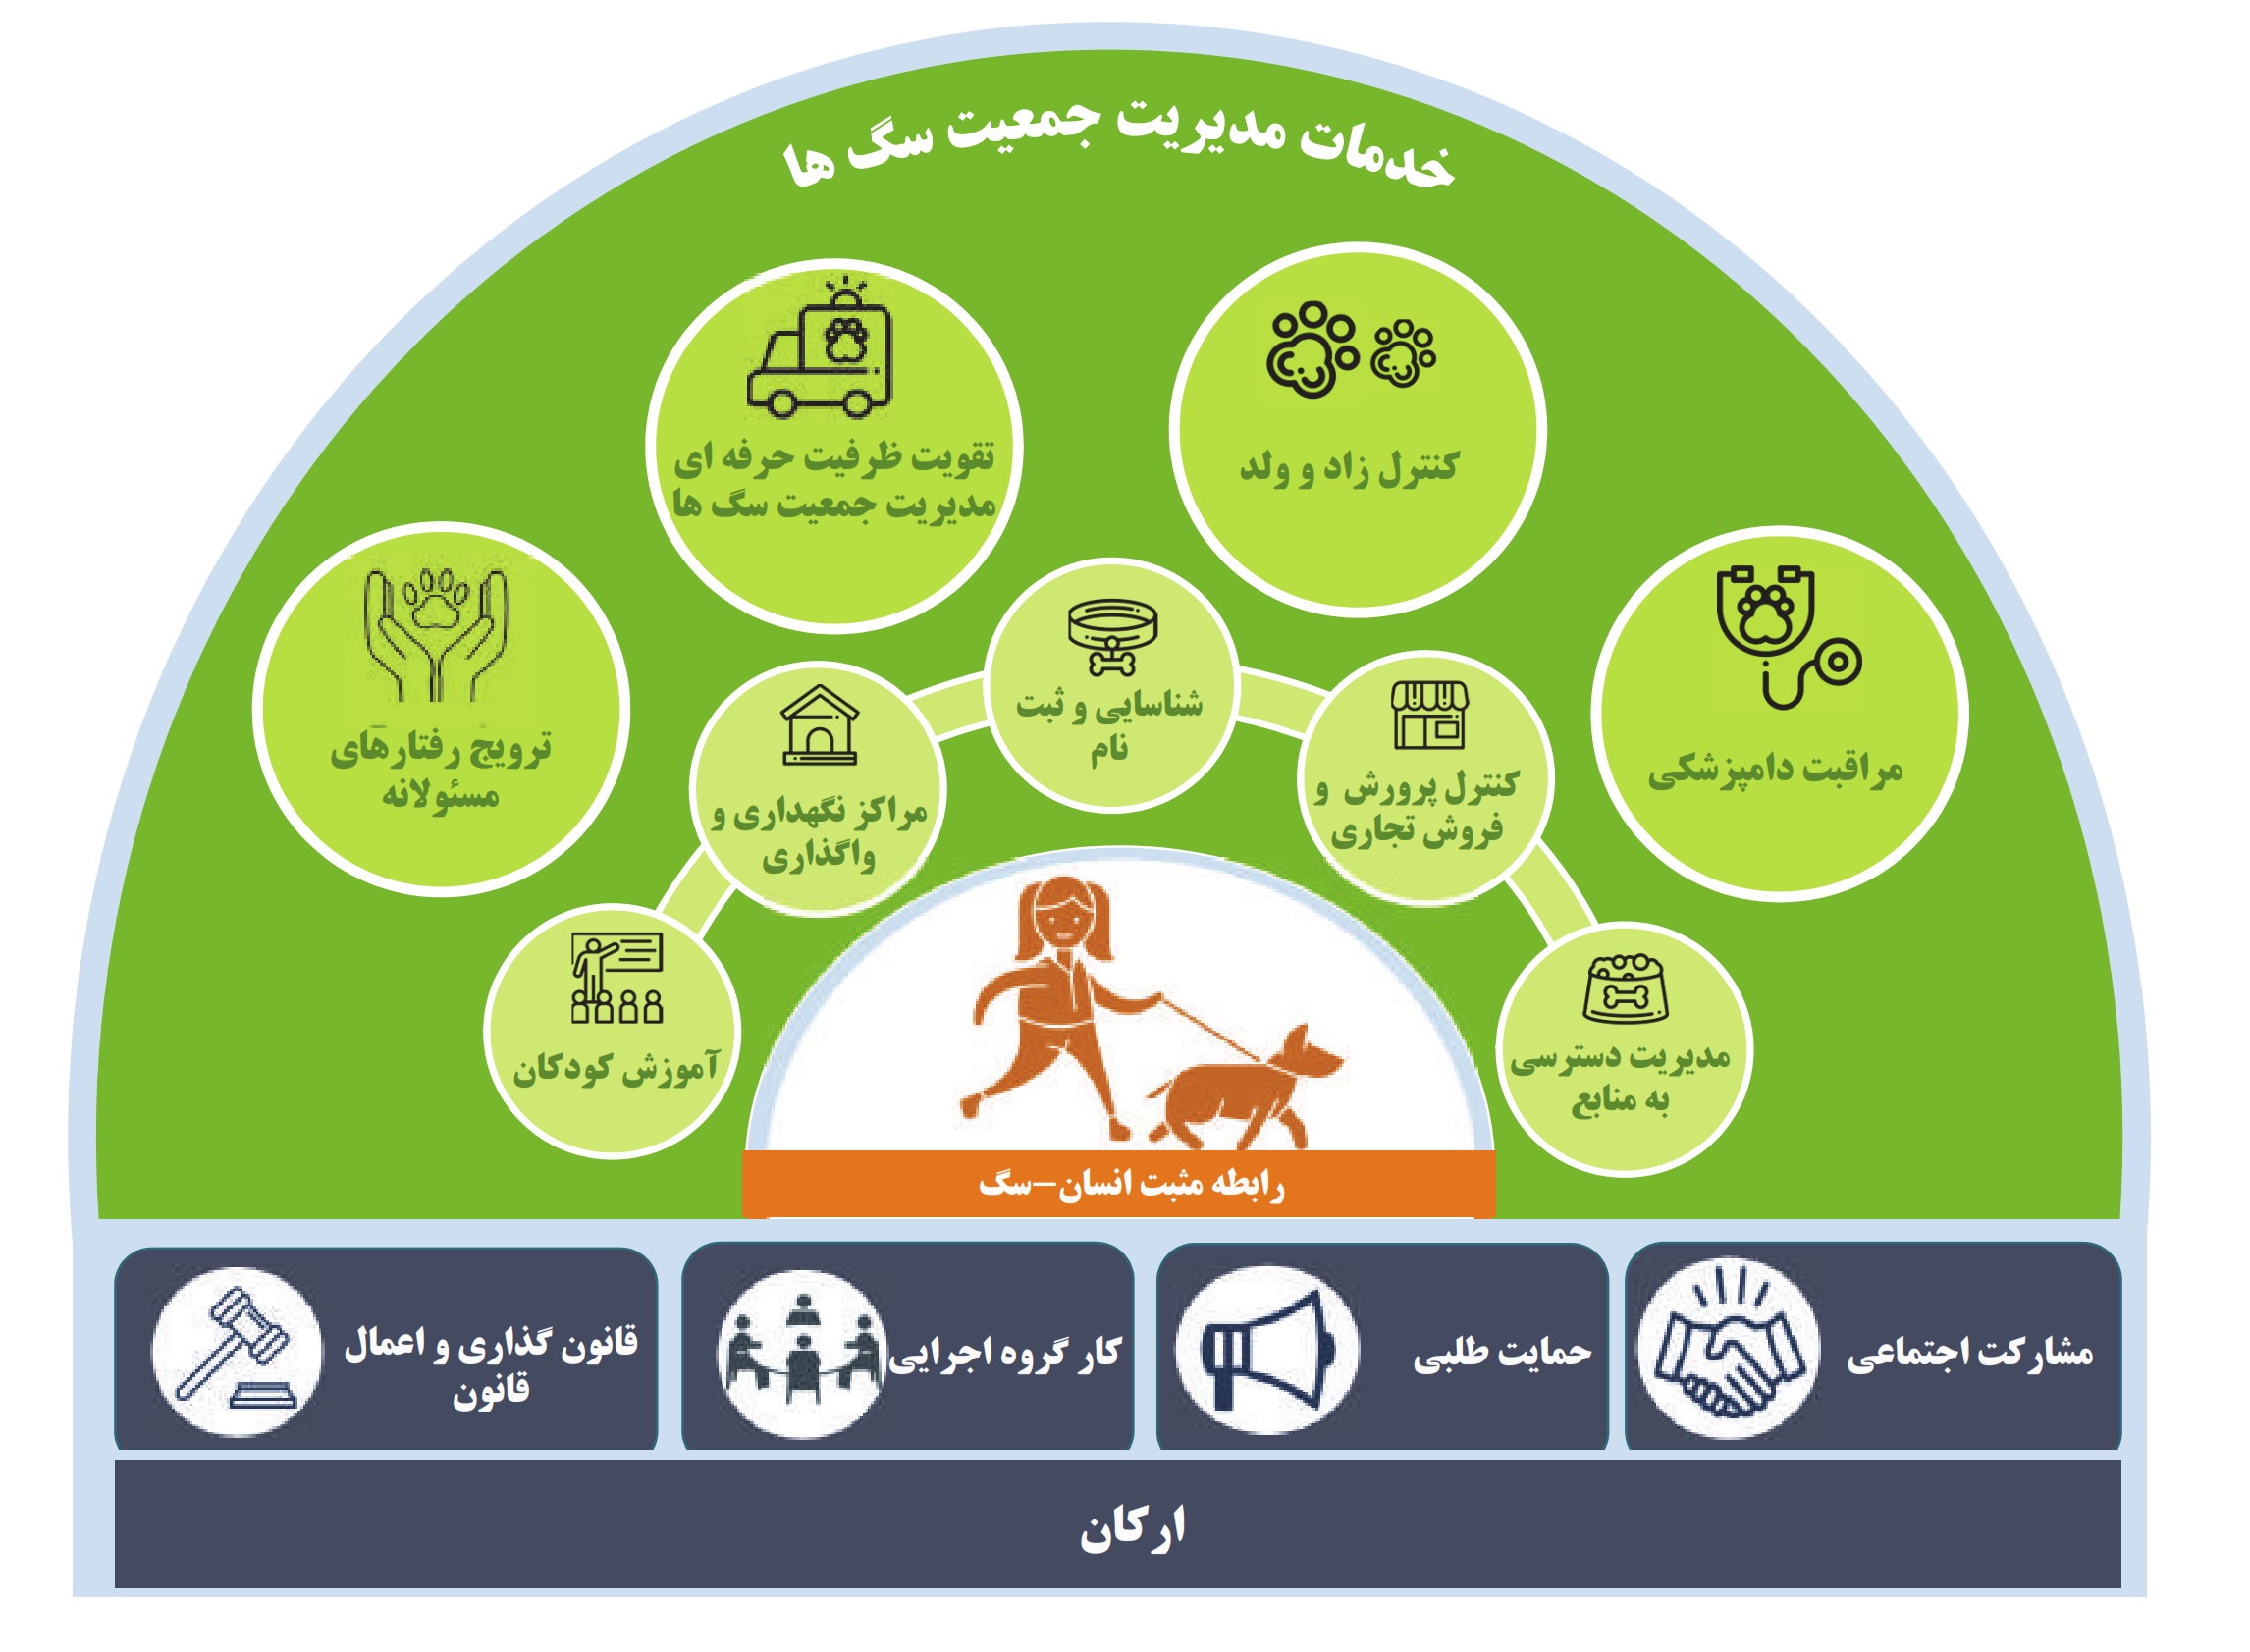 شکل 5 مدل مفهومی خدمات مدیریت جمعیت سگها از دستورالعل آیکم